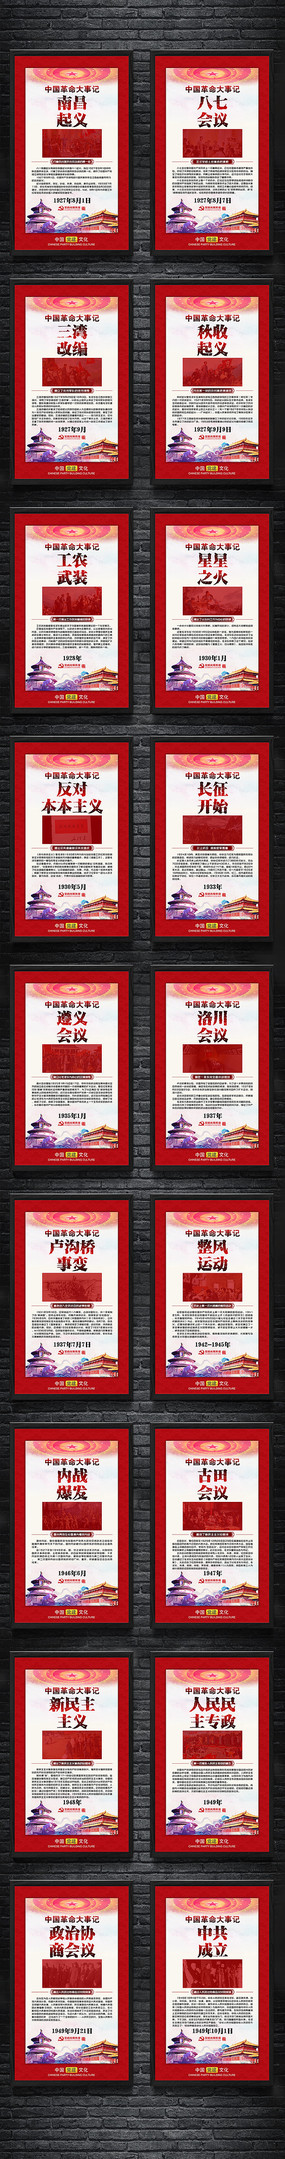 中国革命大事记党的光辉历程展板